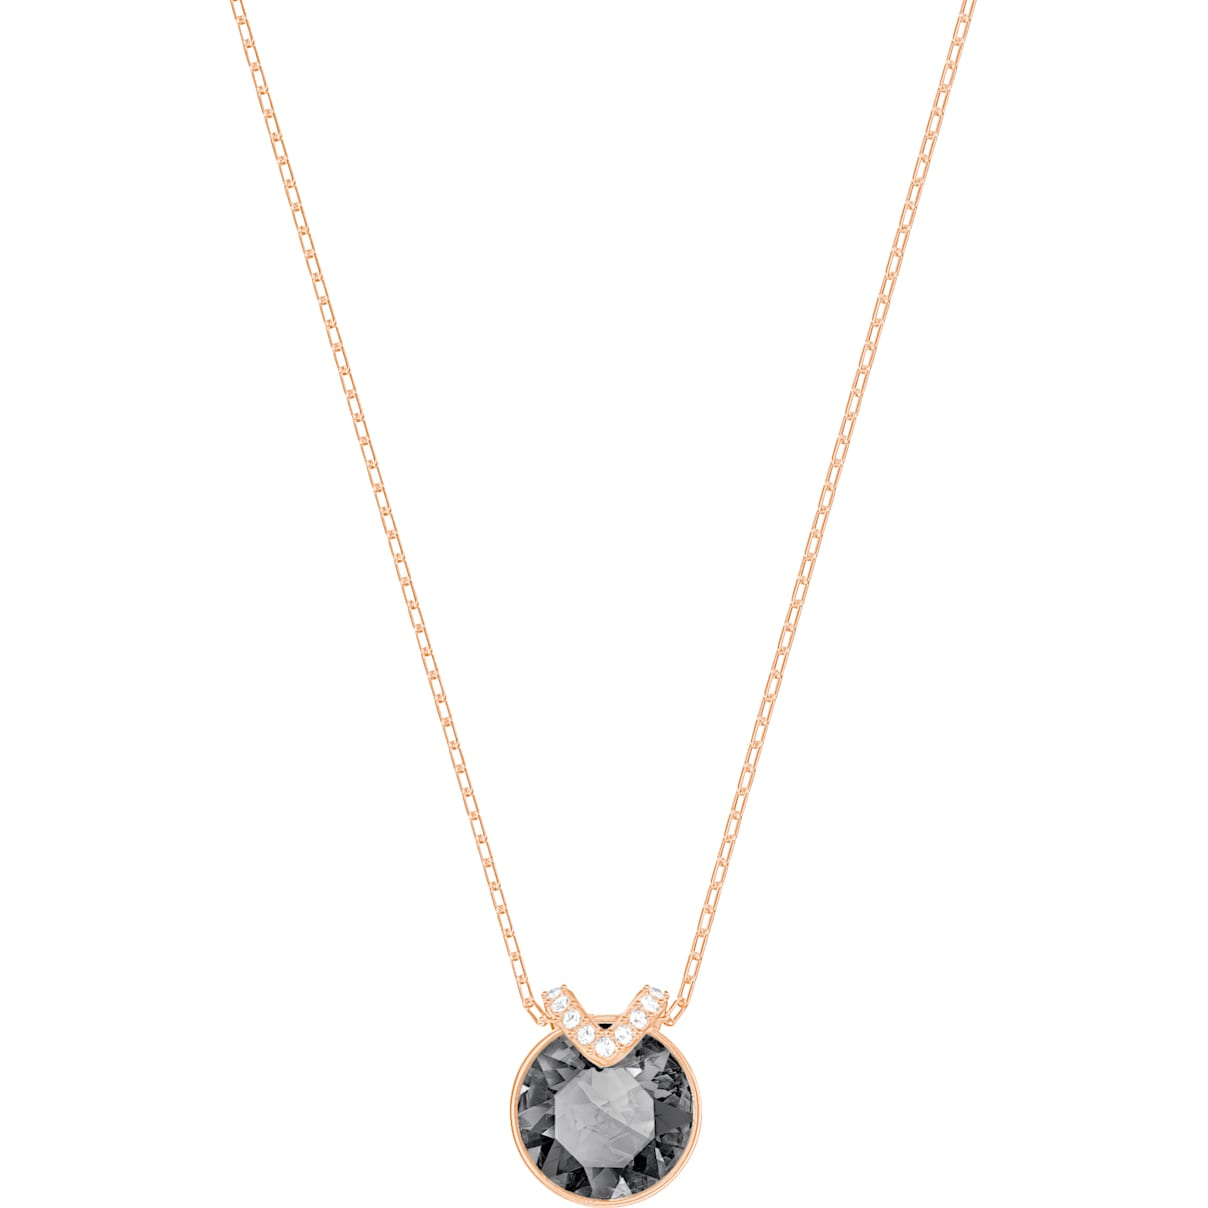 Swarovski Bella V Pendant, Black, Rose-gold tone plated